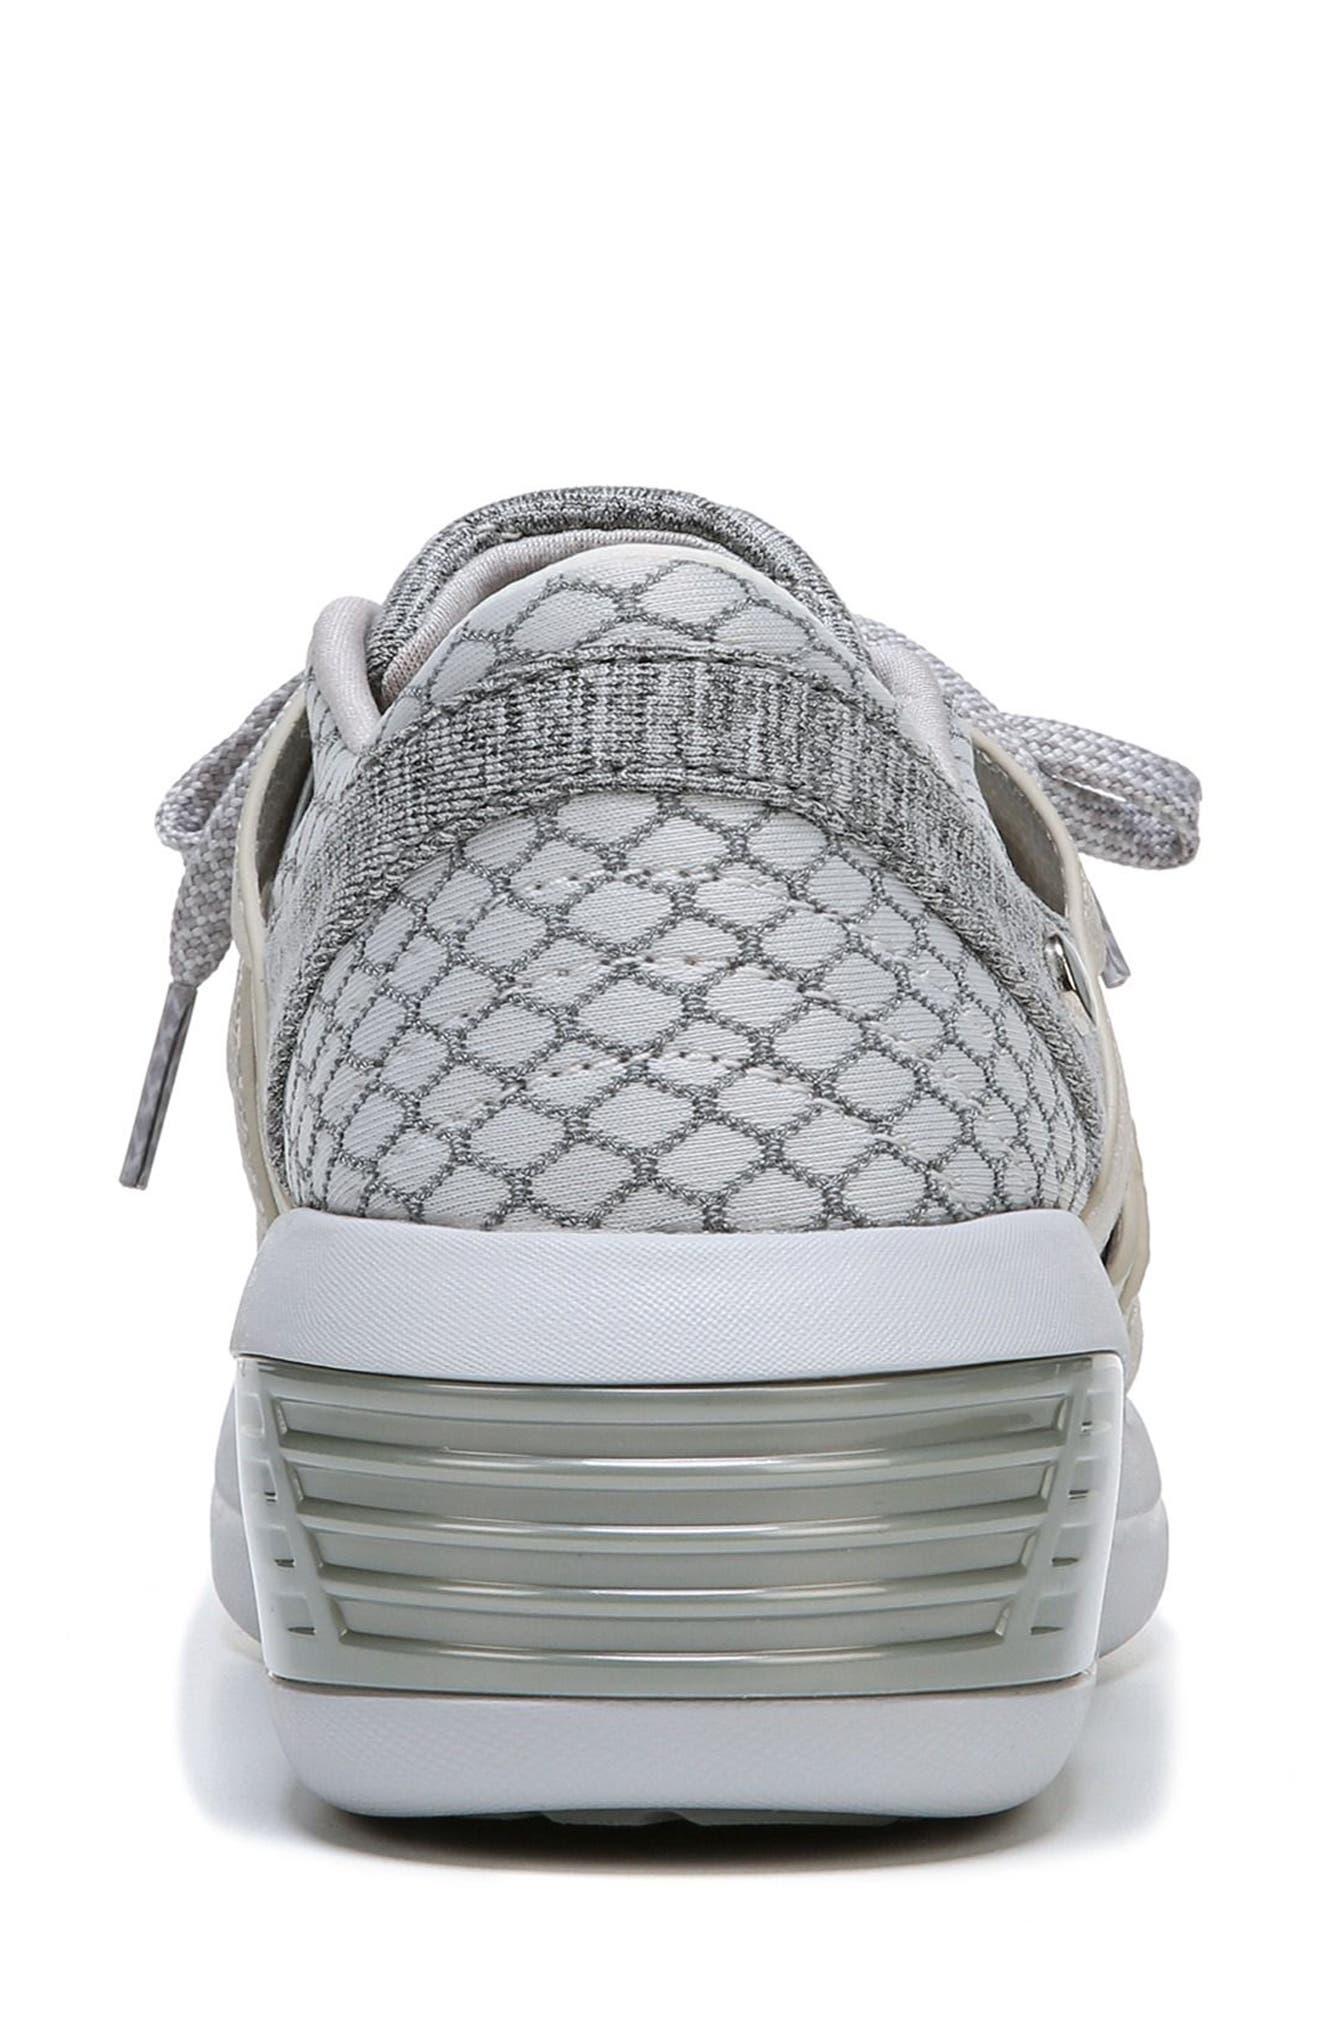 Flicker Sneaker,                             Alternate thumbnail 7, color,                             020